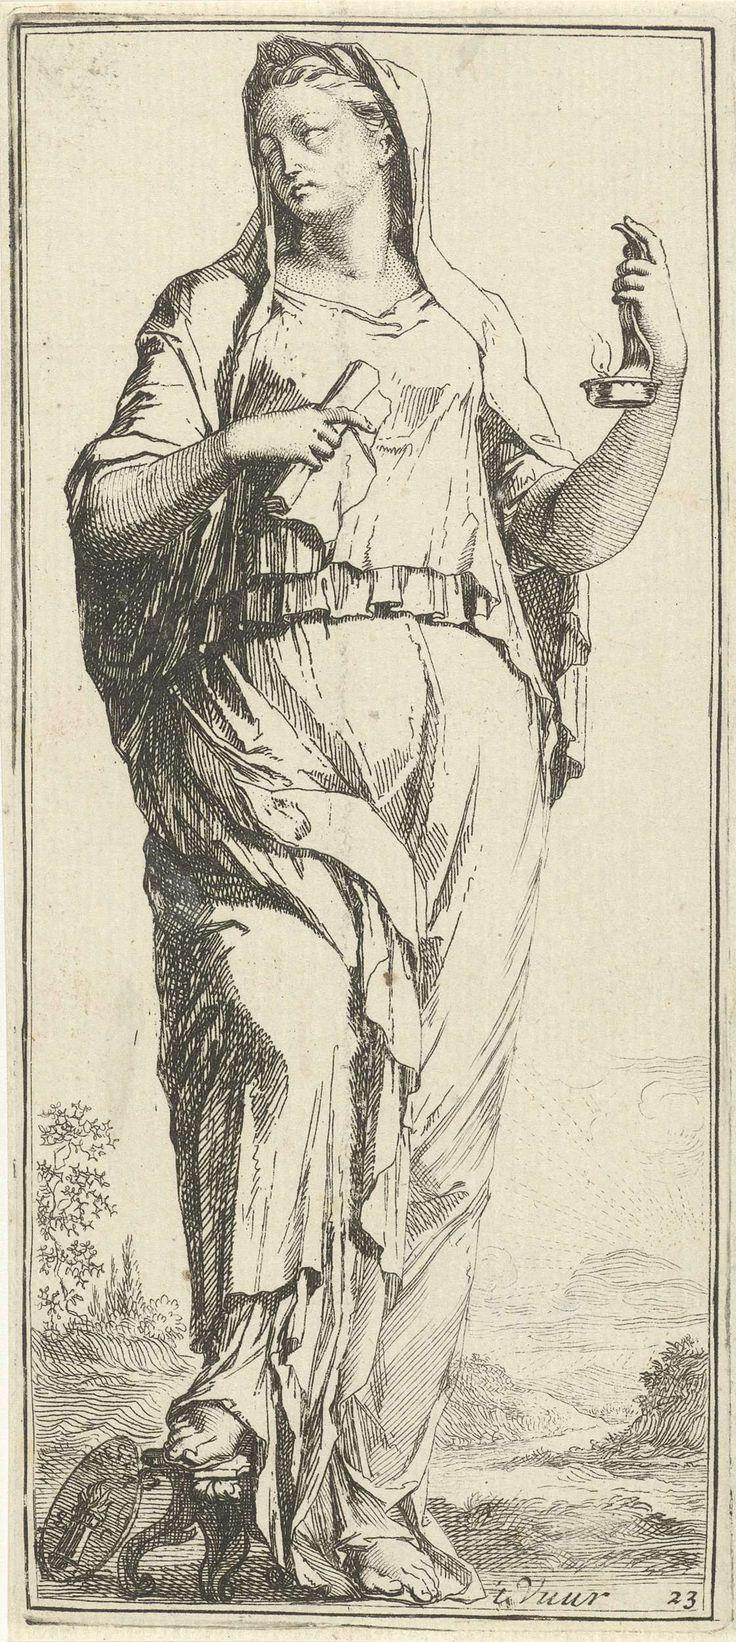 Arnold Houbraken | Personificatie van vuur, Arnold Houbraken, 1710 - 1719 | Een vrouwfiguur als personificatie van vuur met in haar linkerhand een kaarsenhouder met een vlam en in haar rechterhand een opgerold vel papier. Aan haar voeten een medaillon met daarop een kolom met vuur. Prent uit een serie van 41 zinnebeelden.